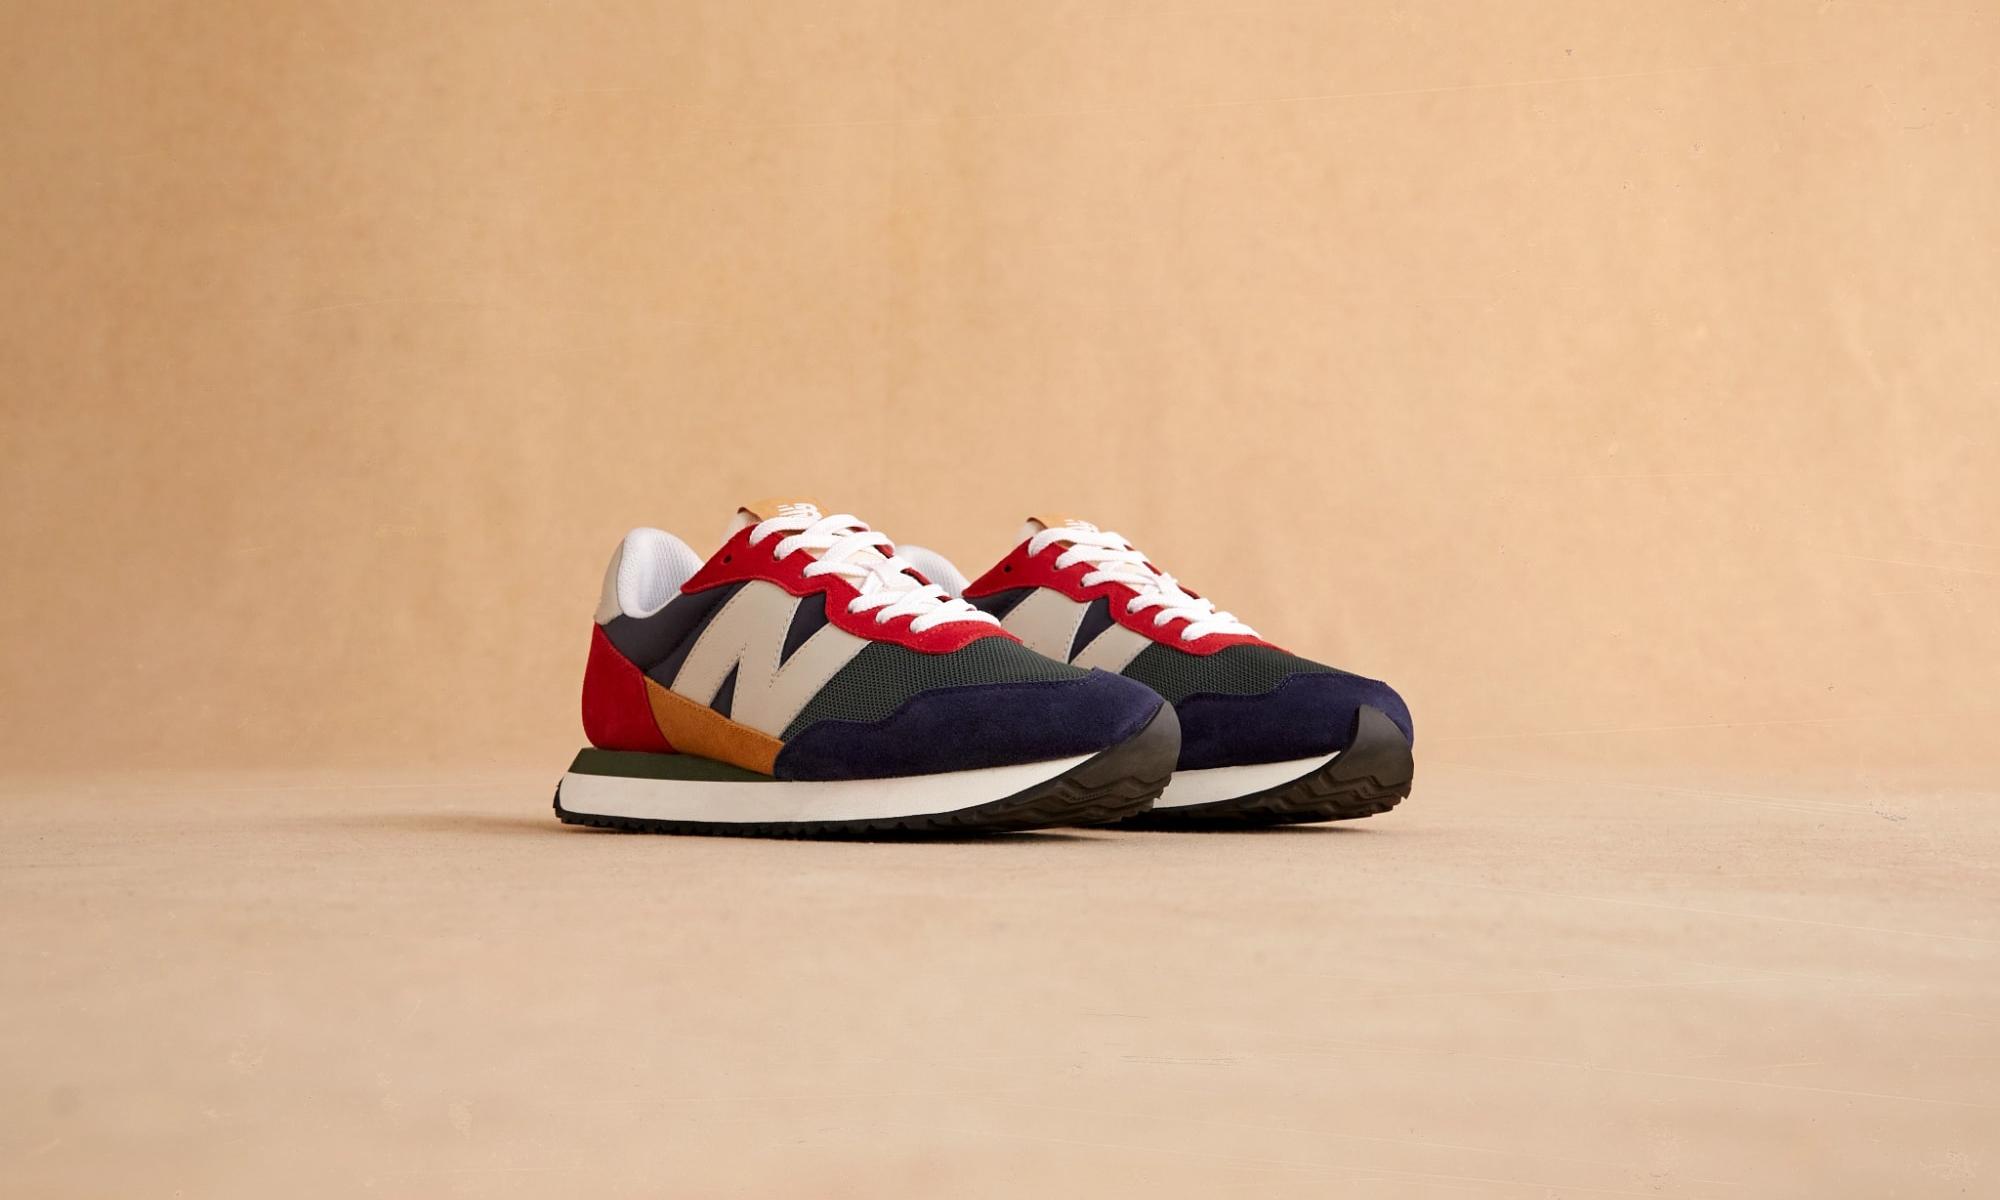 New Balance 即将发布全新 237 鞋款